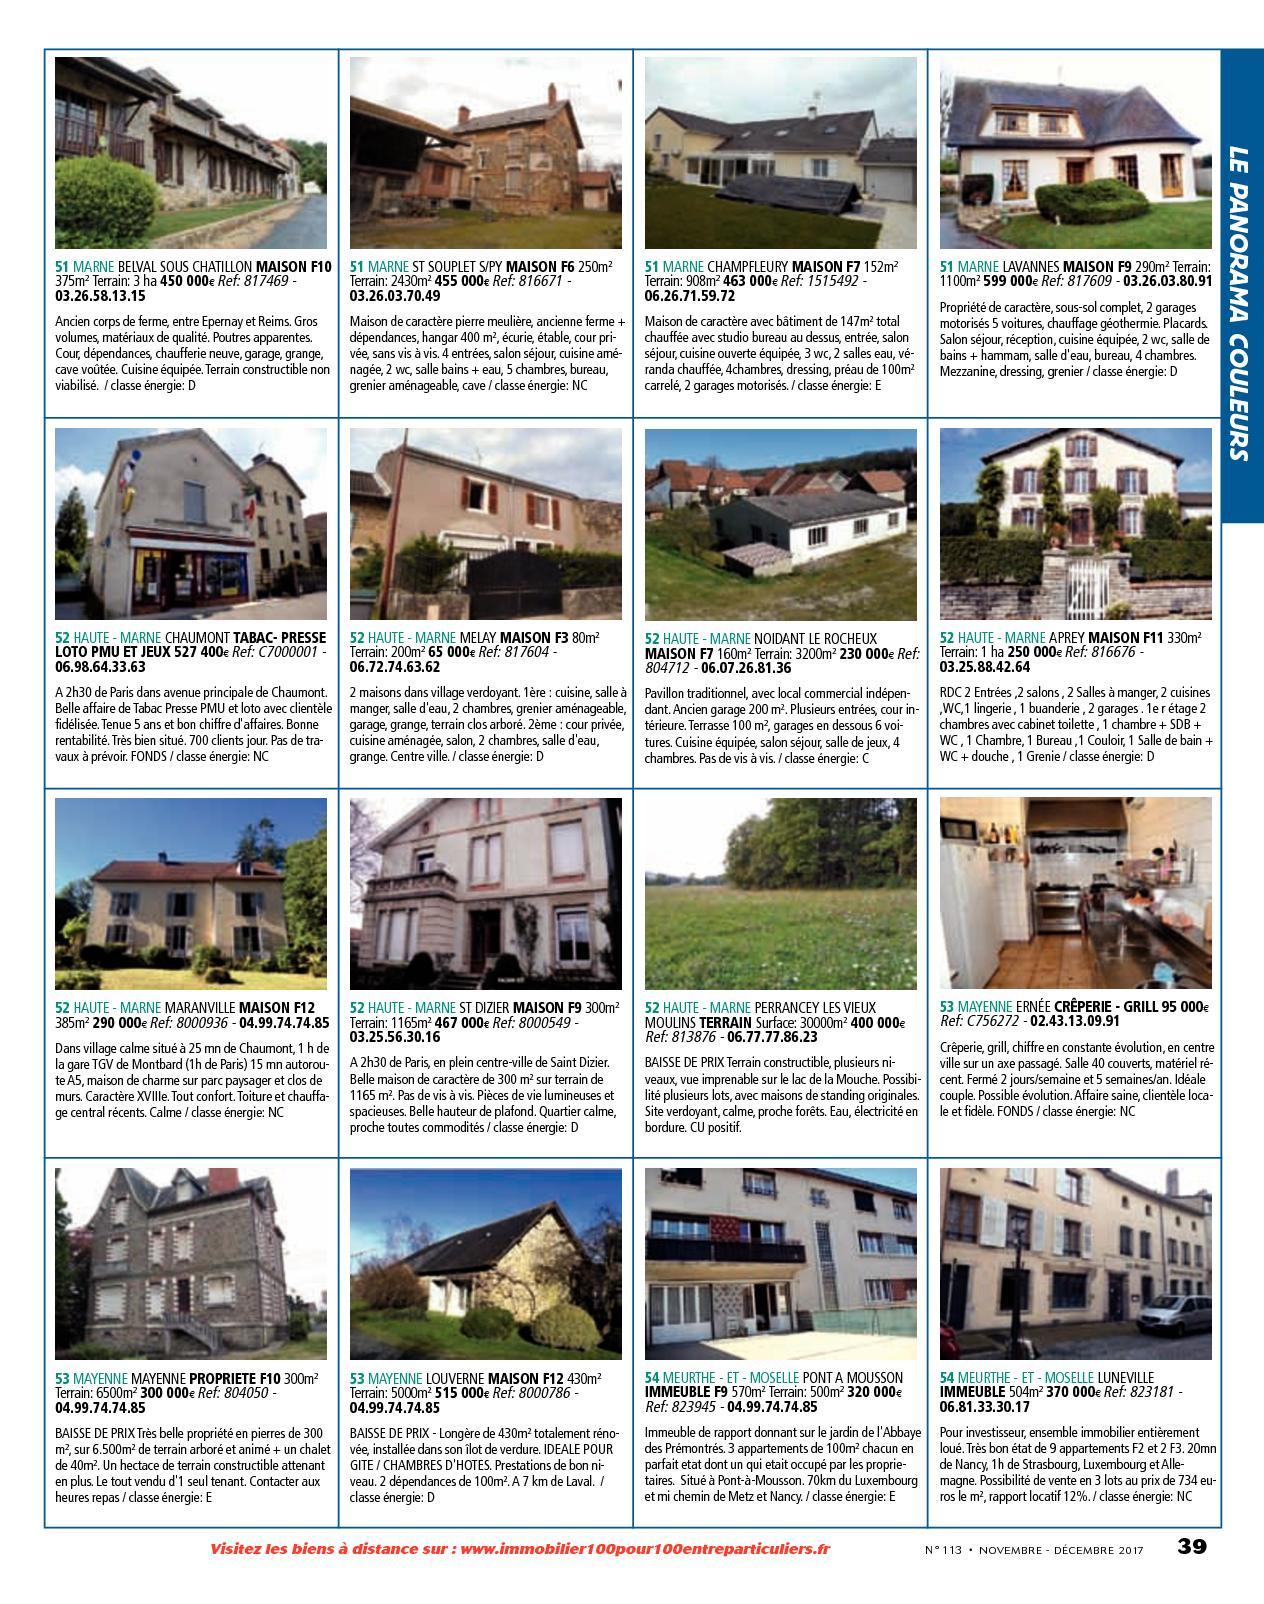 L'immobilier 100% entre particuliers - Appelimmo-n°113- Novembre